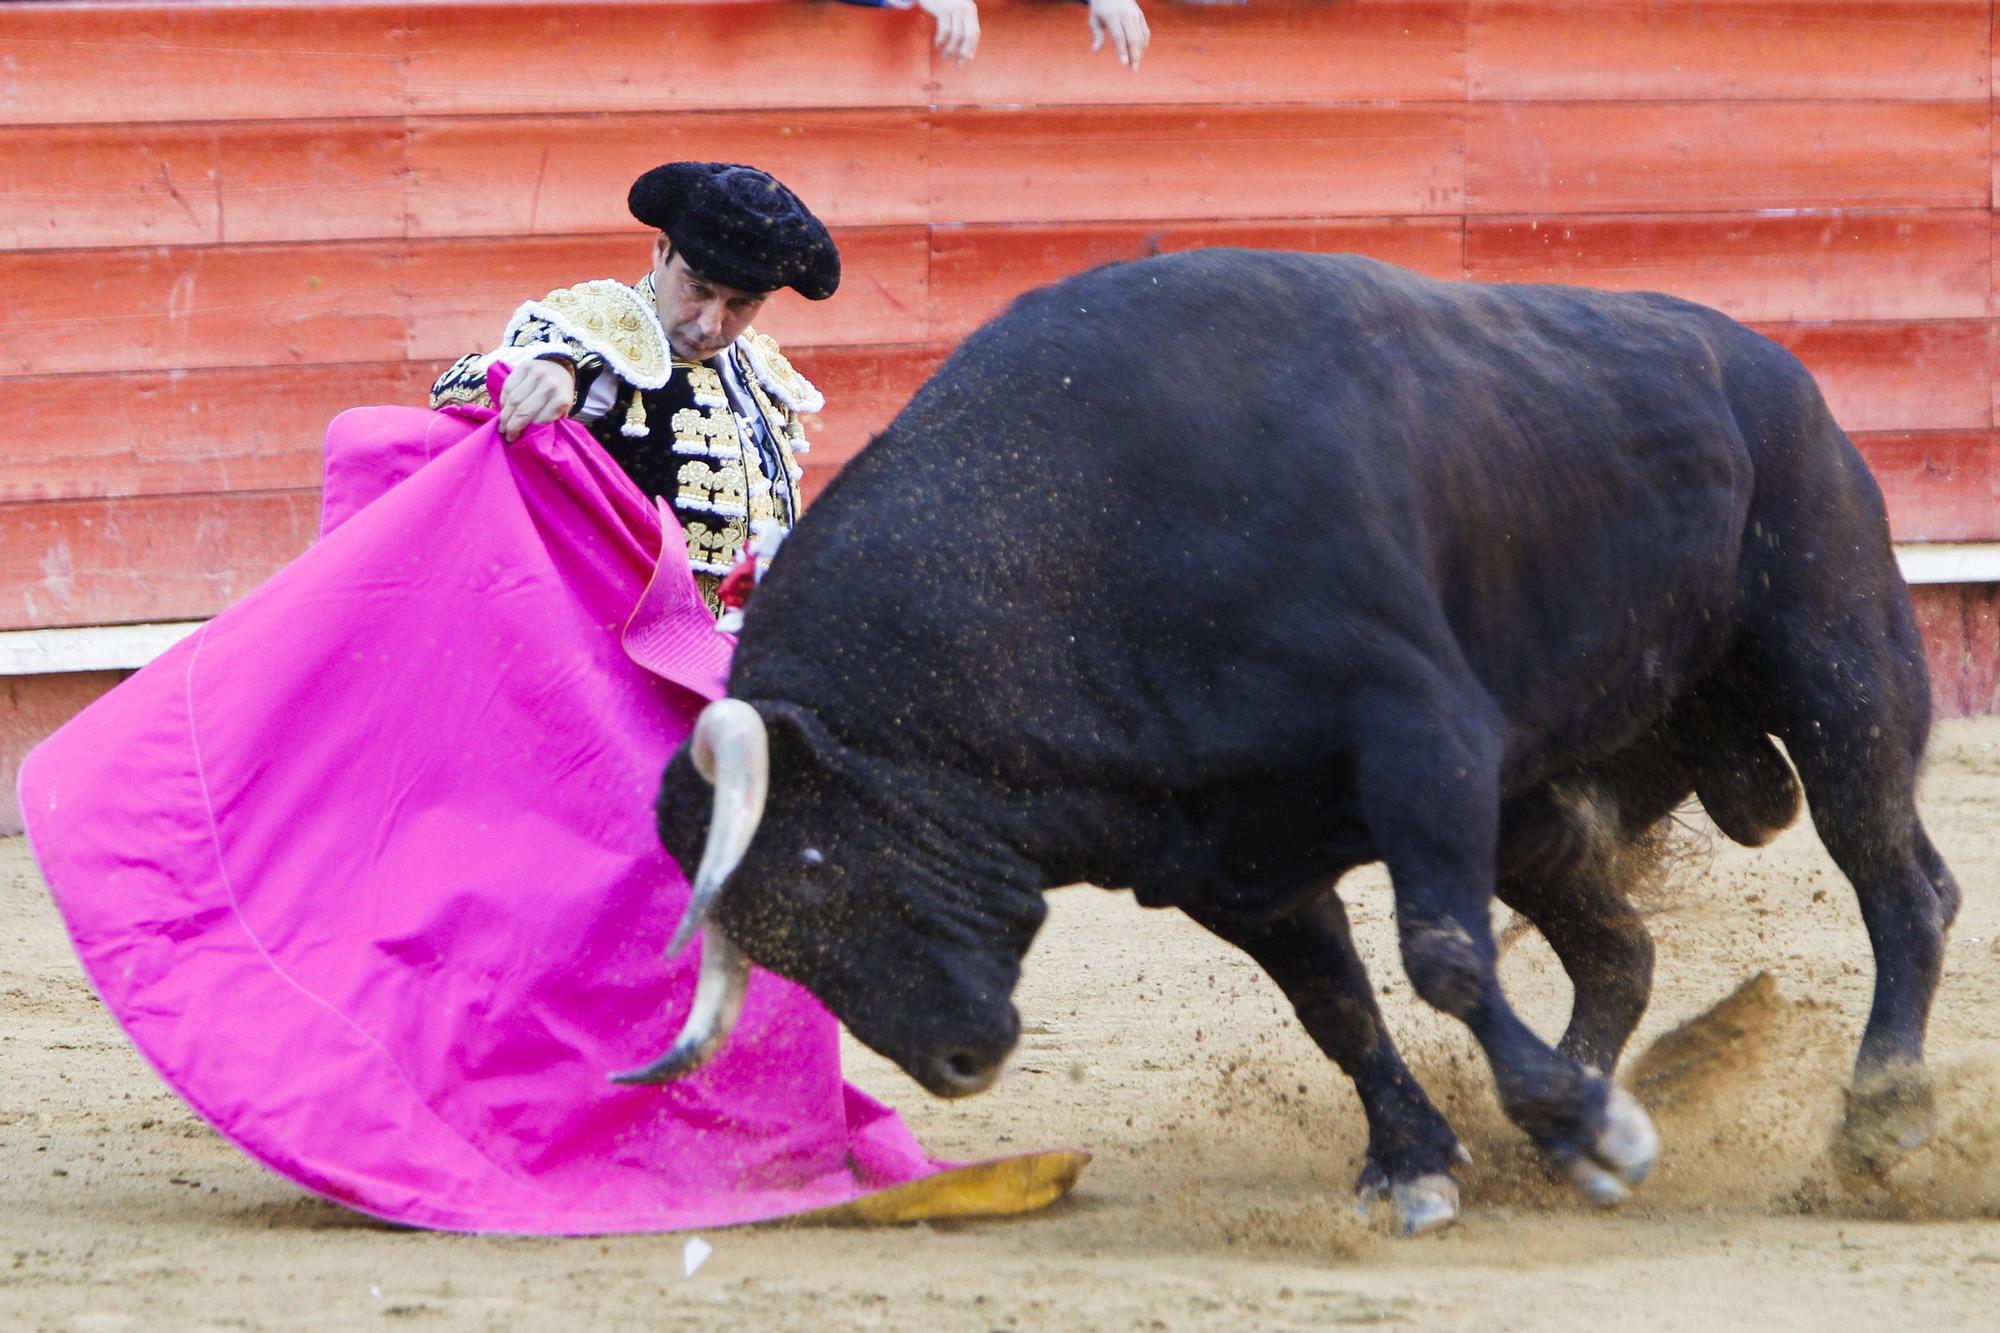 La trayectoria de Enrique Ponce en imágenes: 30 años en la cumbre del toreo